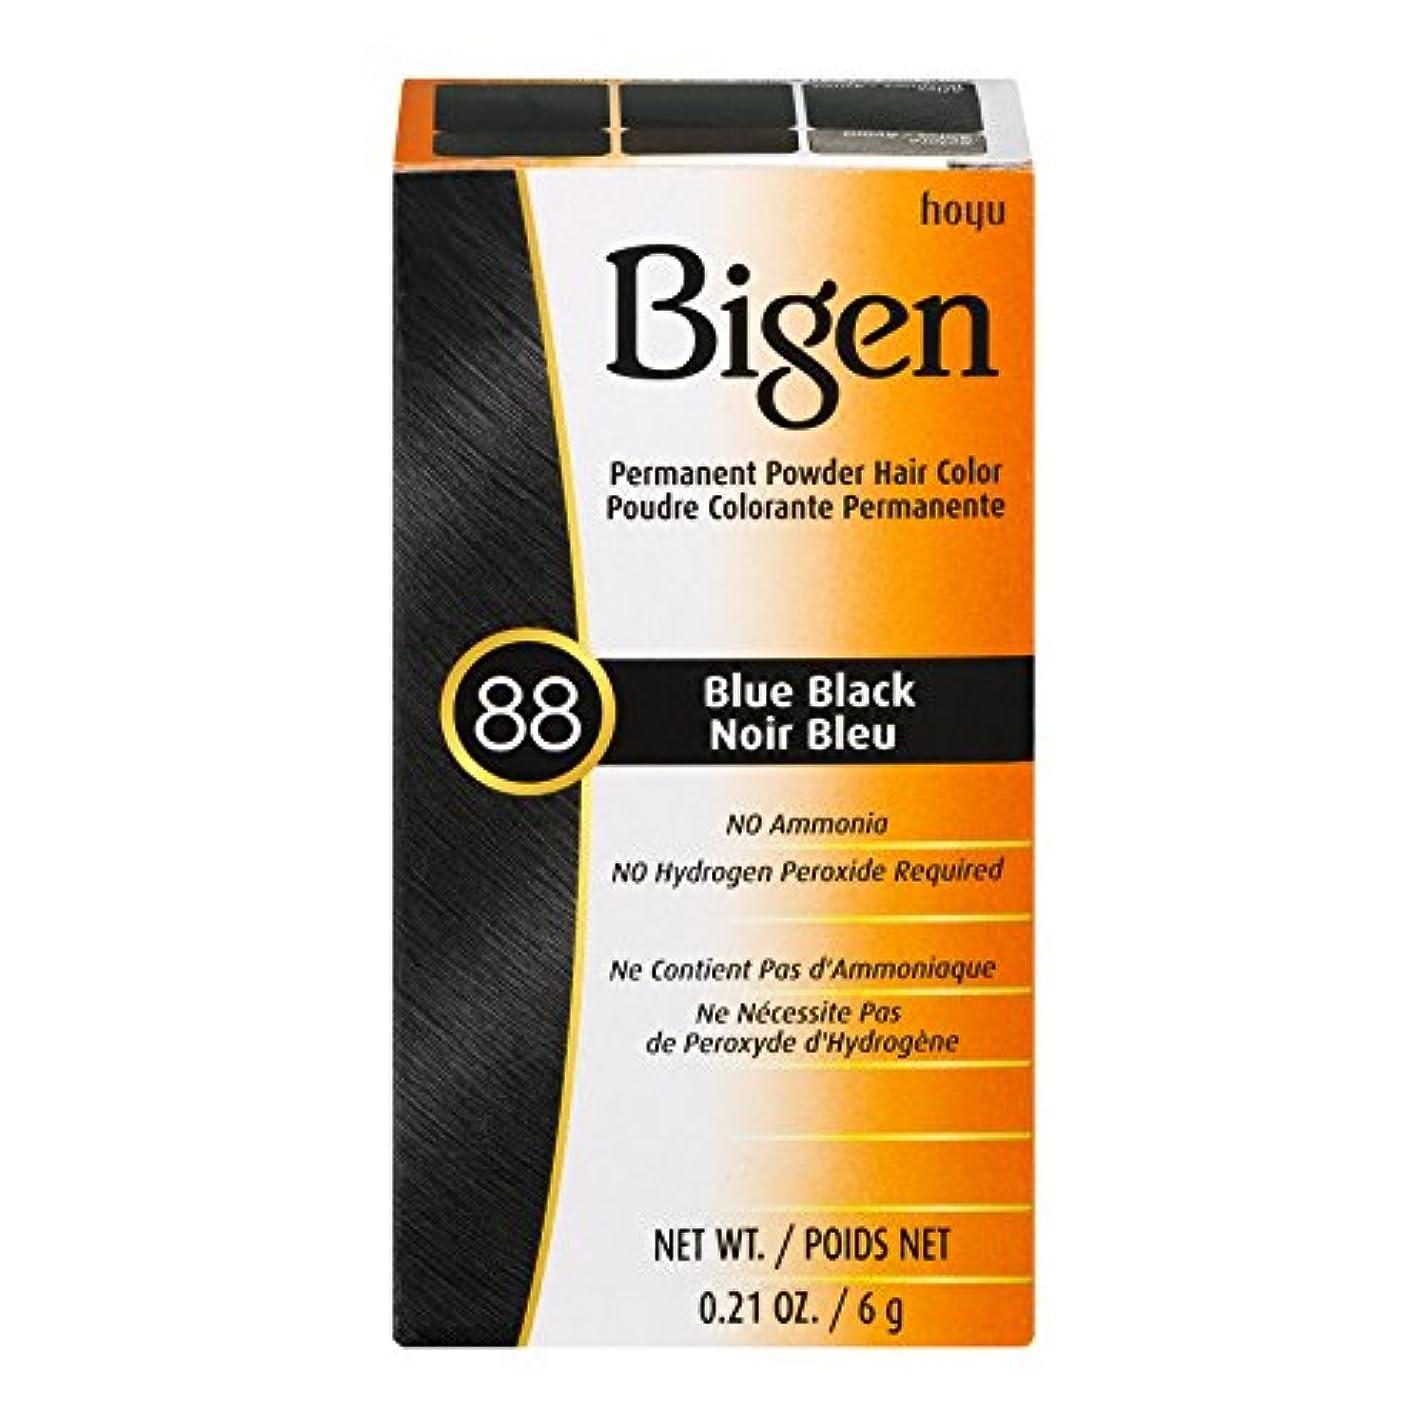 見込みから聞く遊び場Bigen 髪の色 #88ブルーブラック